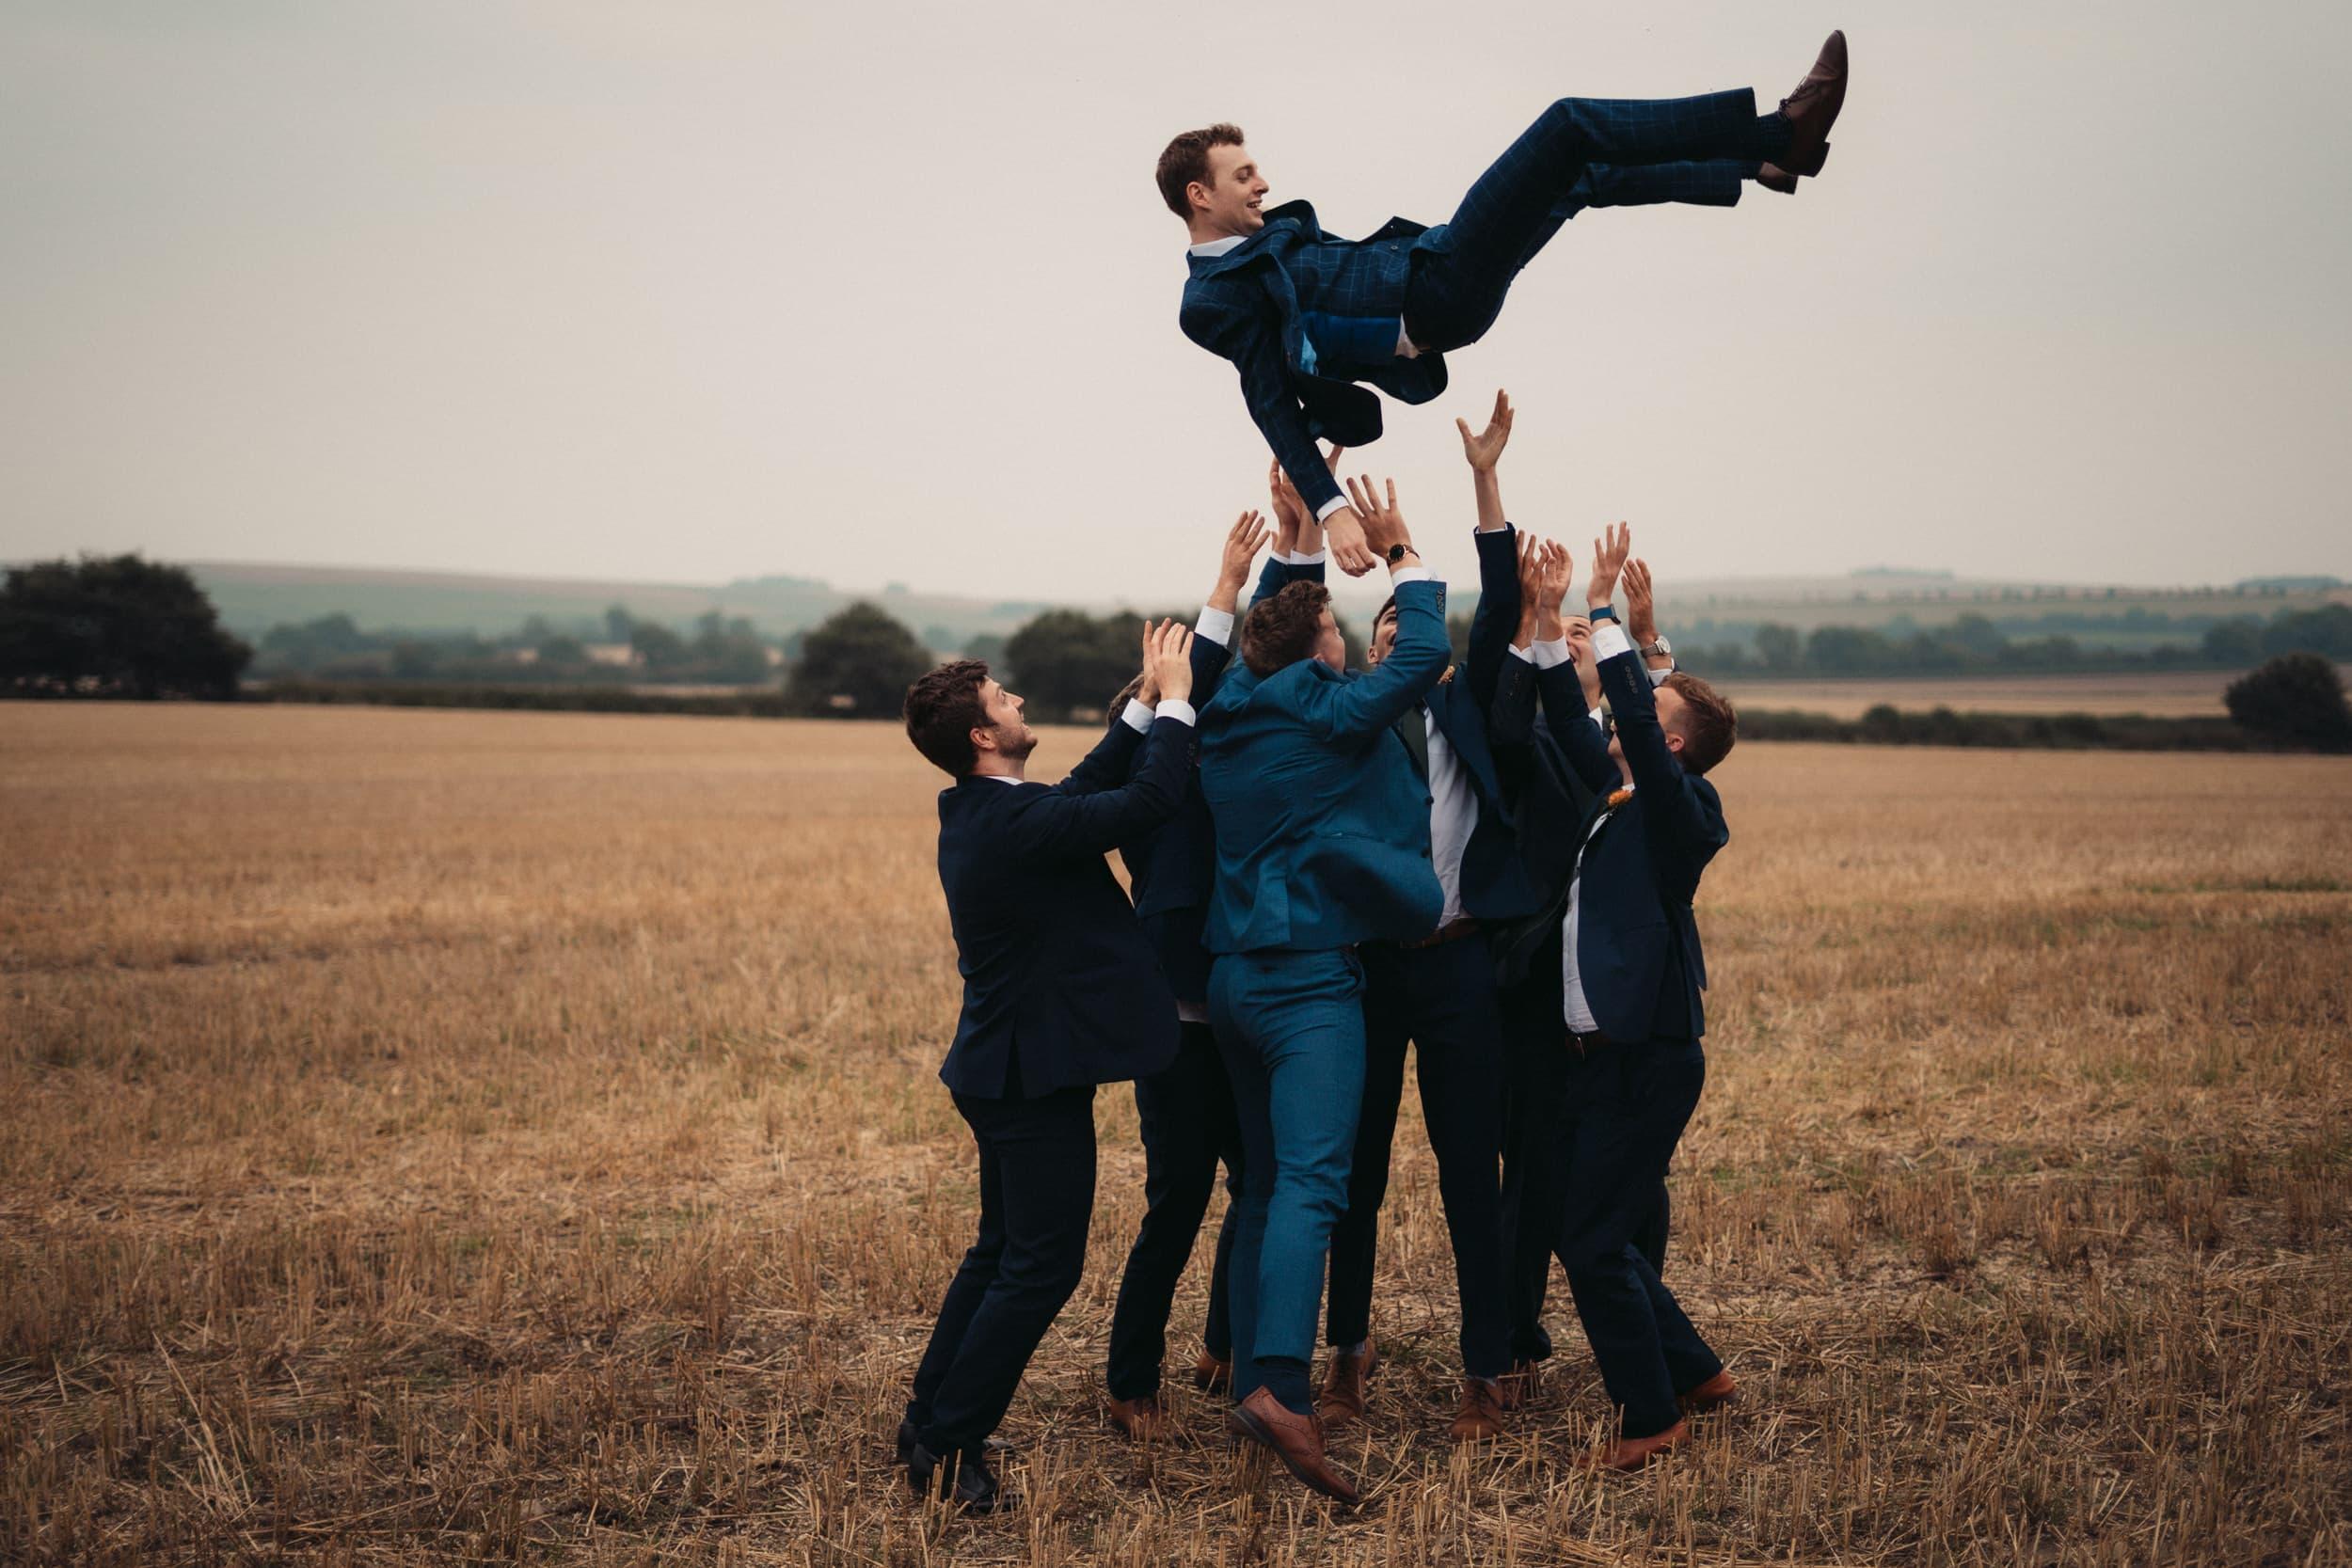 groom being thrown in air by best men